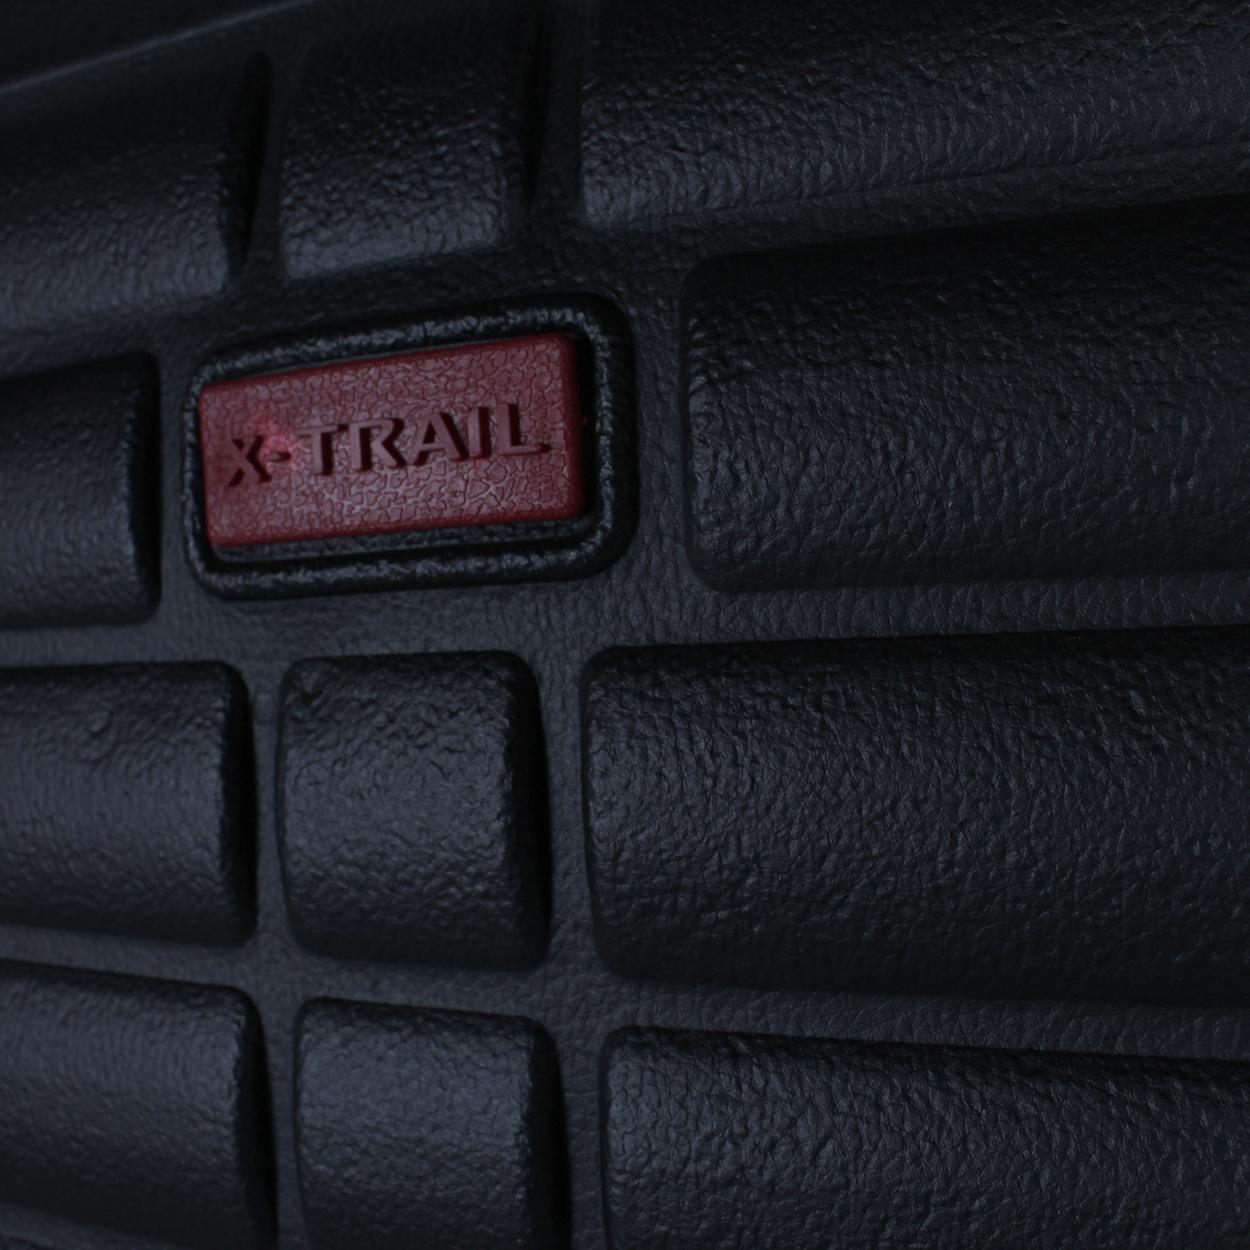 کف پوش سه بعدی صندوق خودرو بابل مدل ch2024 مناسب برای ایکس تریل